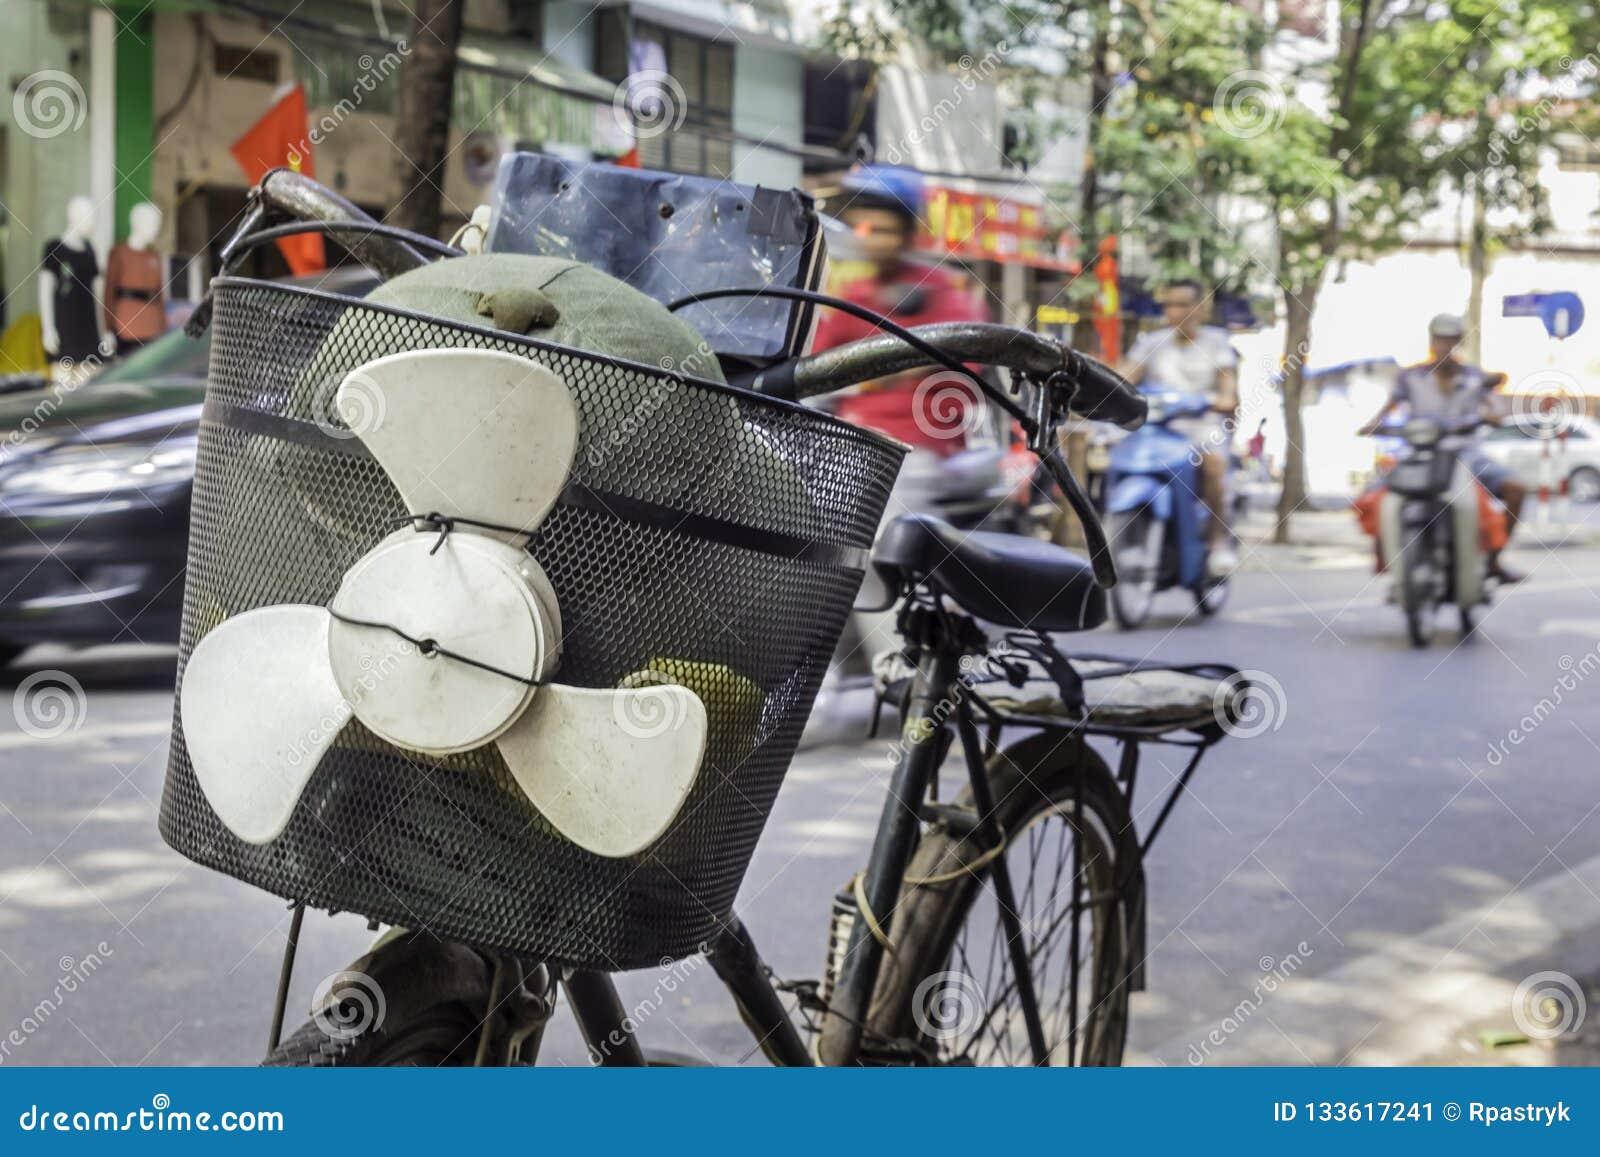 Fiets met grappige propeller in Hanoi, Vietnam